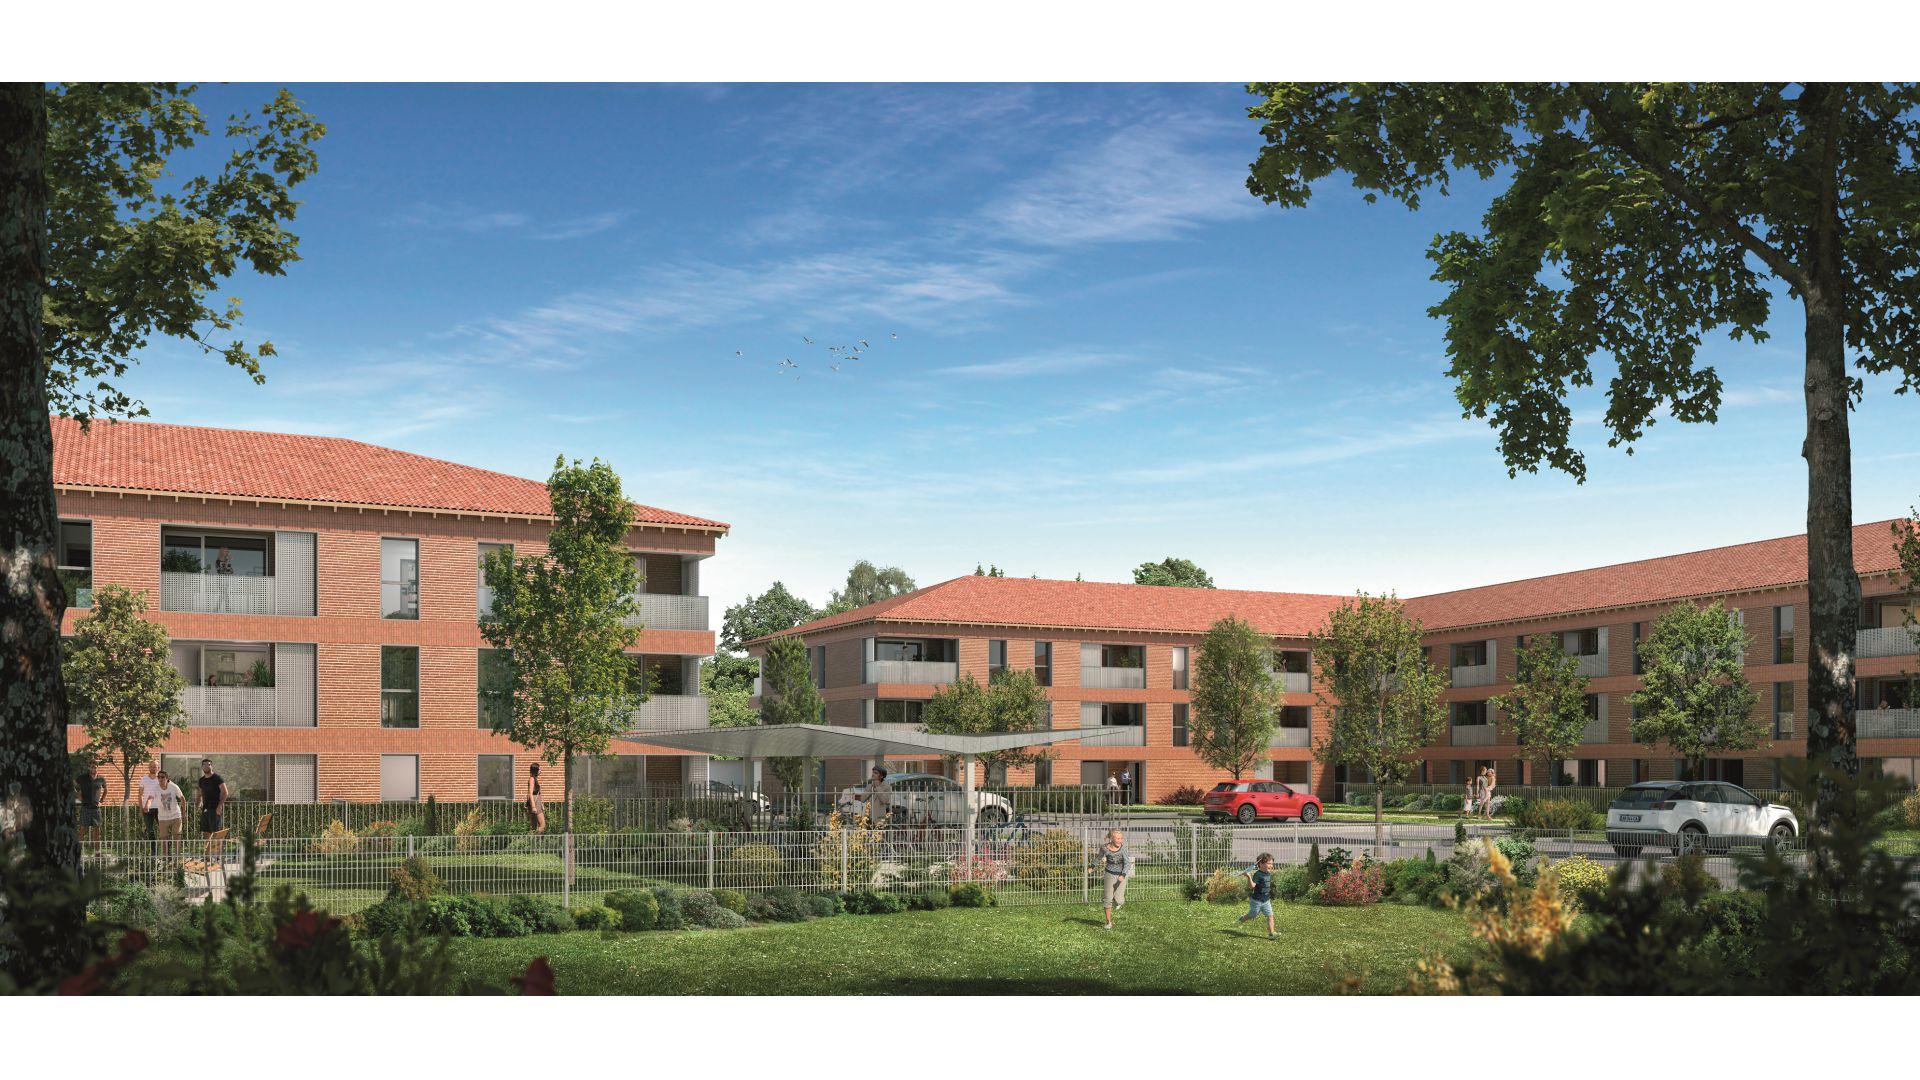 GreenCity immobilier - Saint-Jory - 31790 - Résidence Le Mas Séréna - appartements neufs du T2 au T3